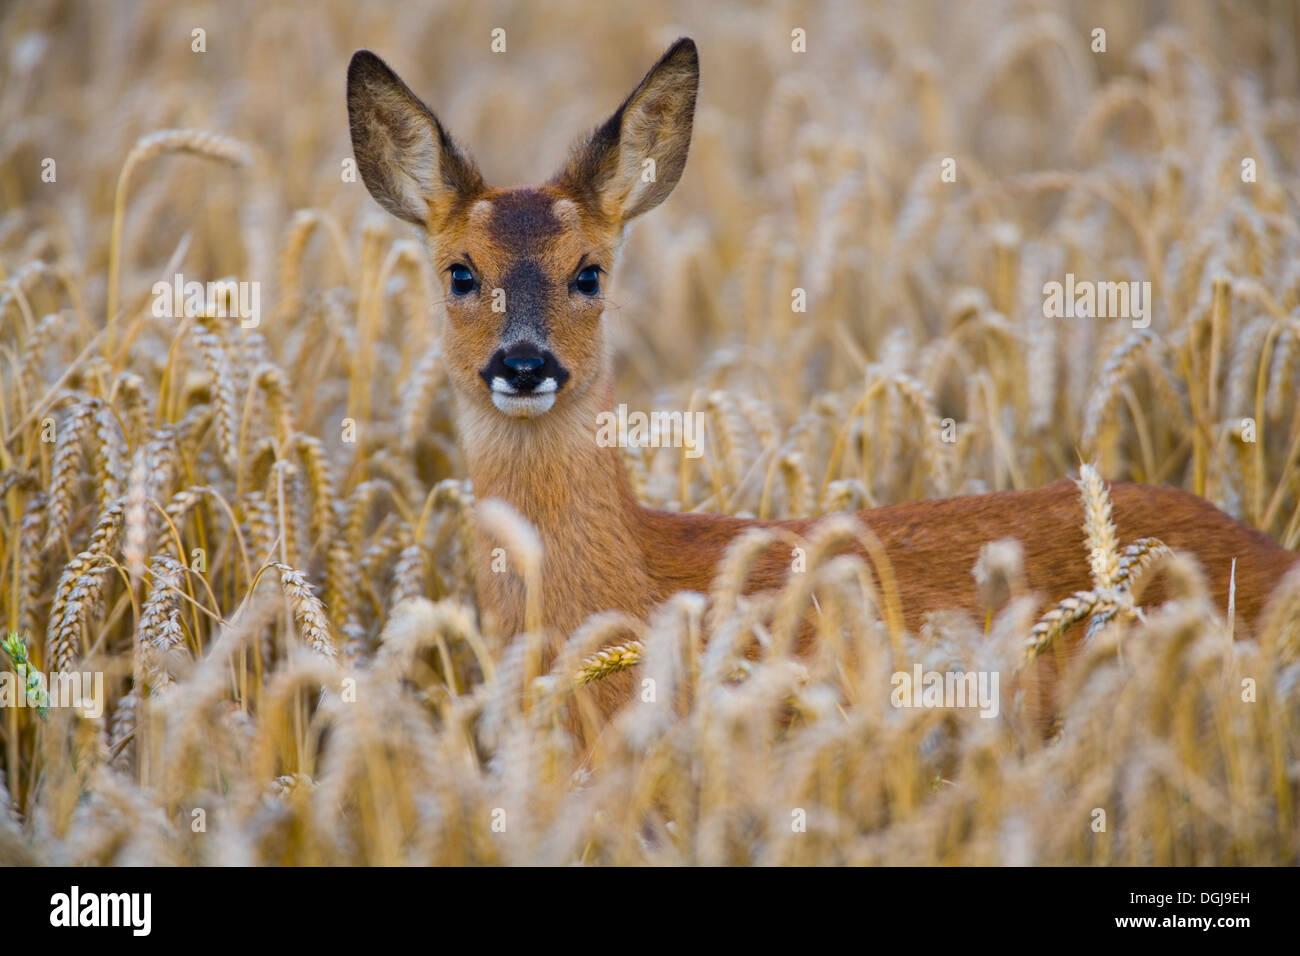 Un corzo escondido en un campo de trigo. Imagen De Stock